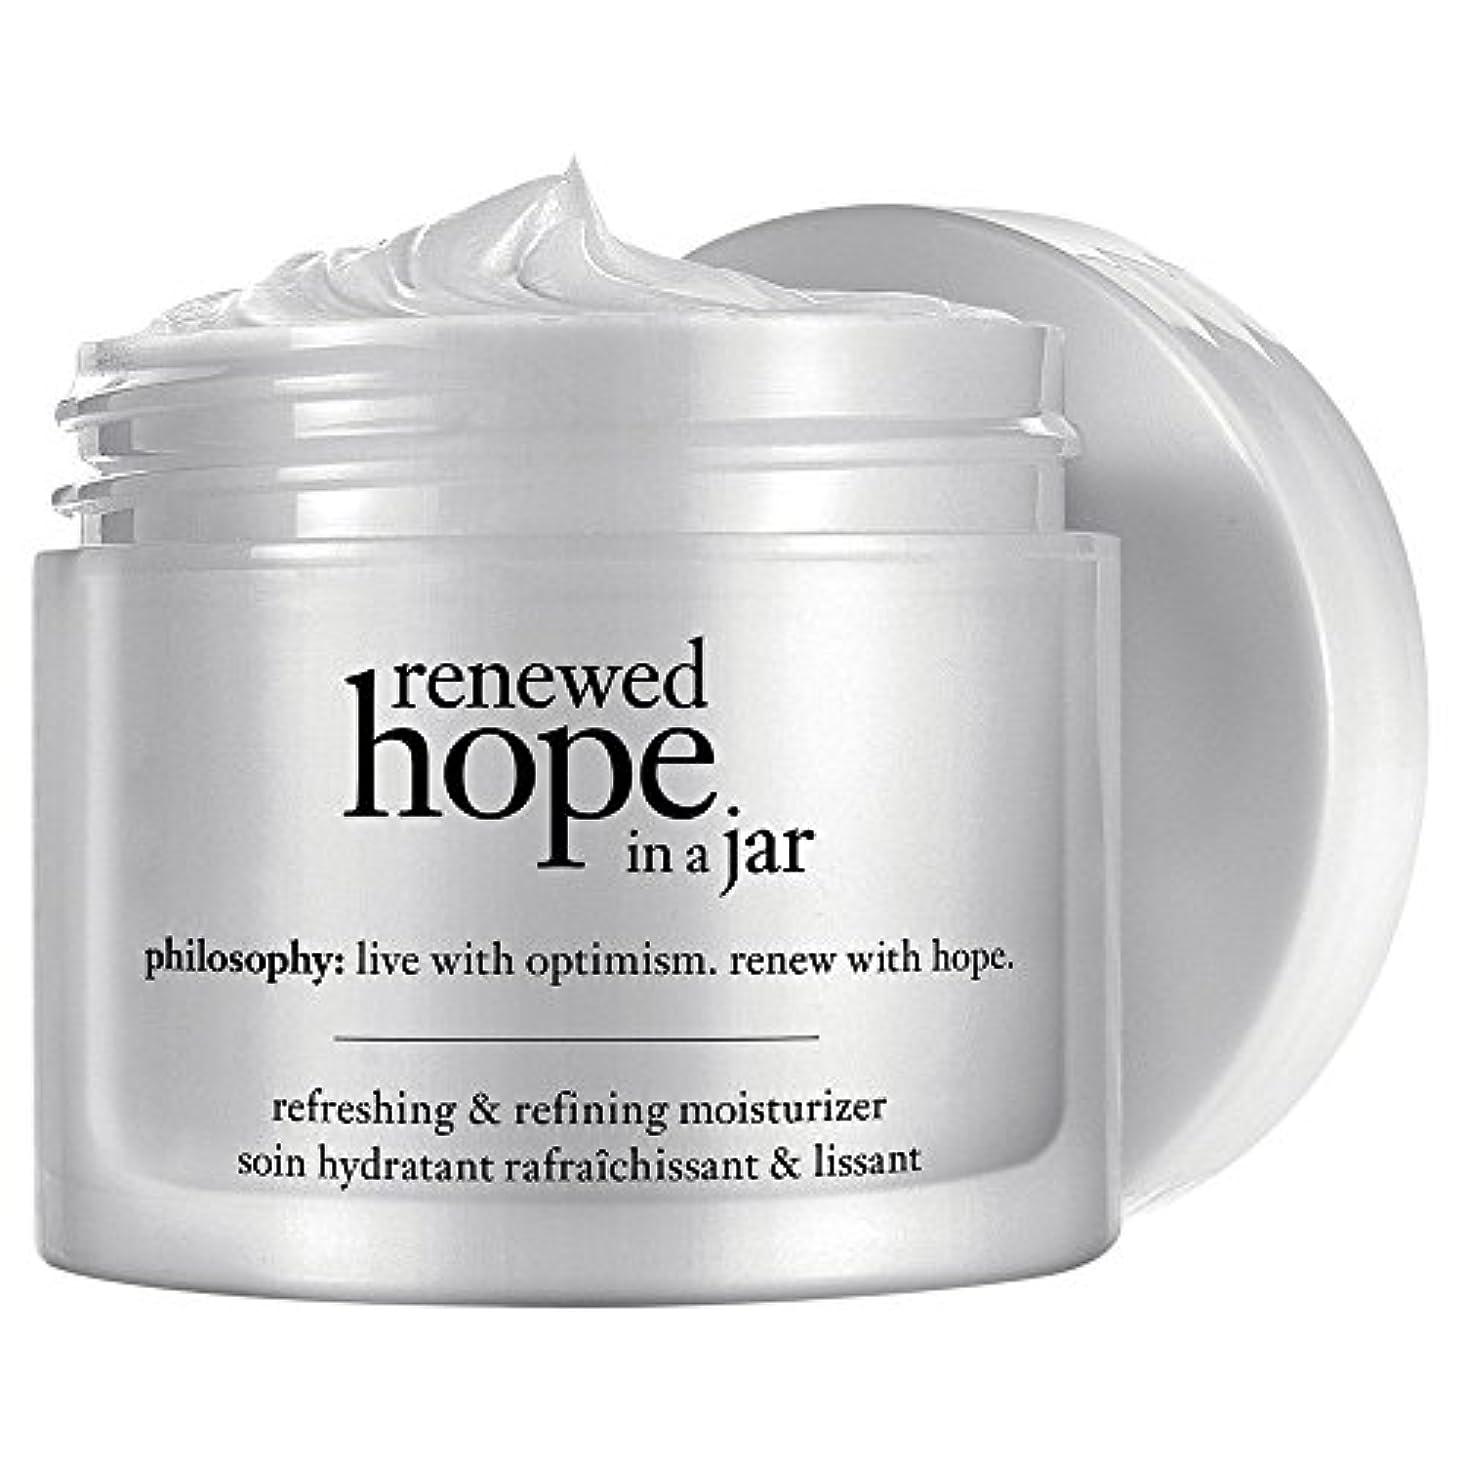 租界ギャロップ憧れ瓶内の哲学新たな希望を、60ミリリットル (Philosophy) (x6) - Philosophy Renewed Hope In a Jar, 60ml (Pack of 6) [並行輸入品]